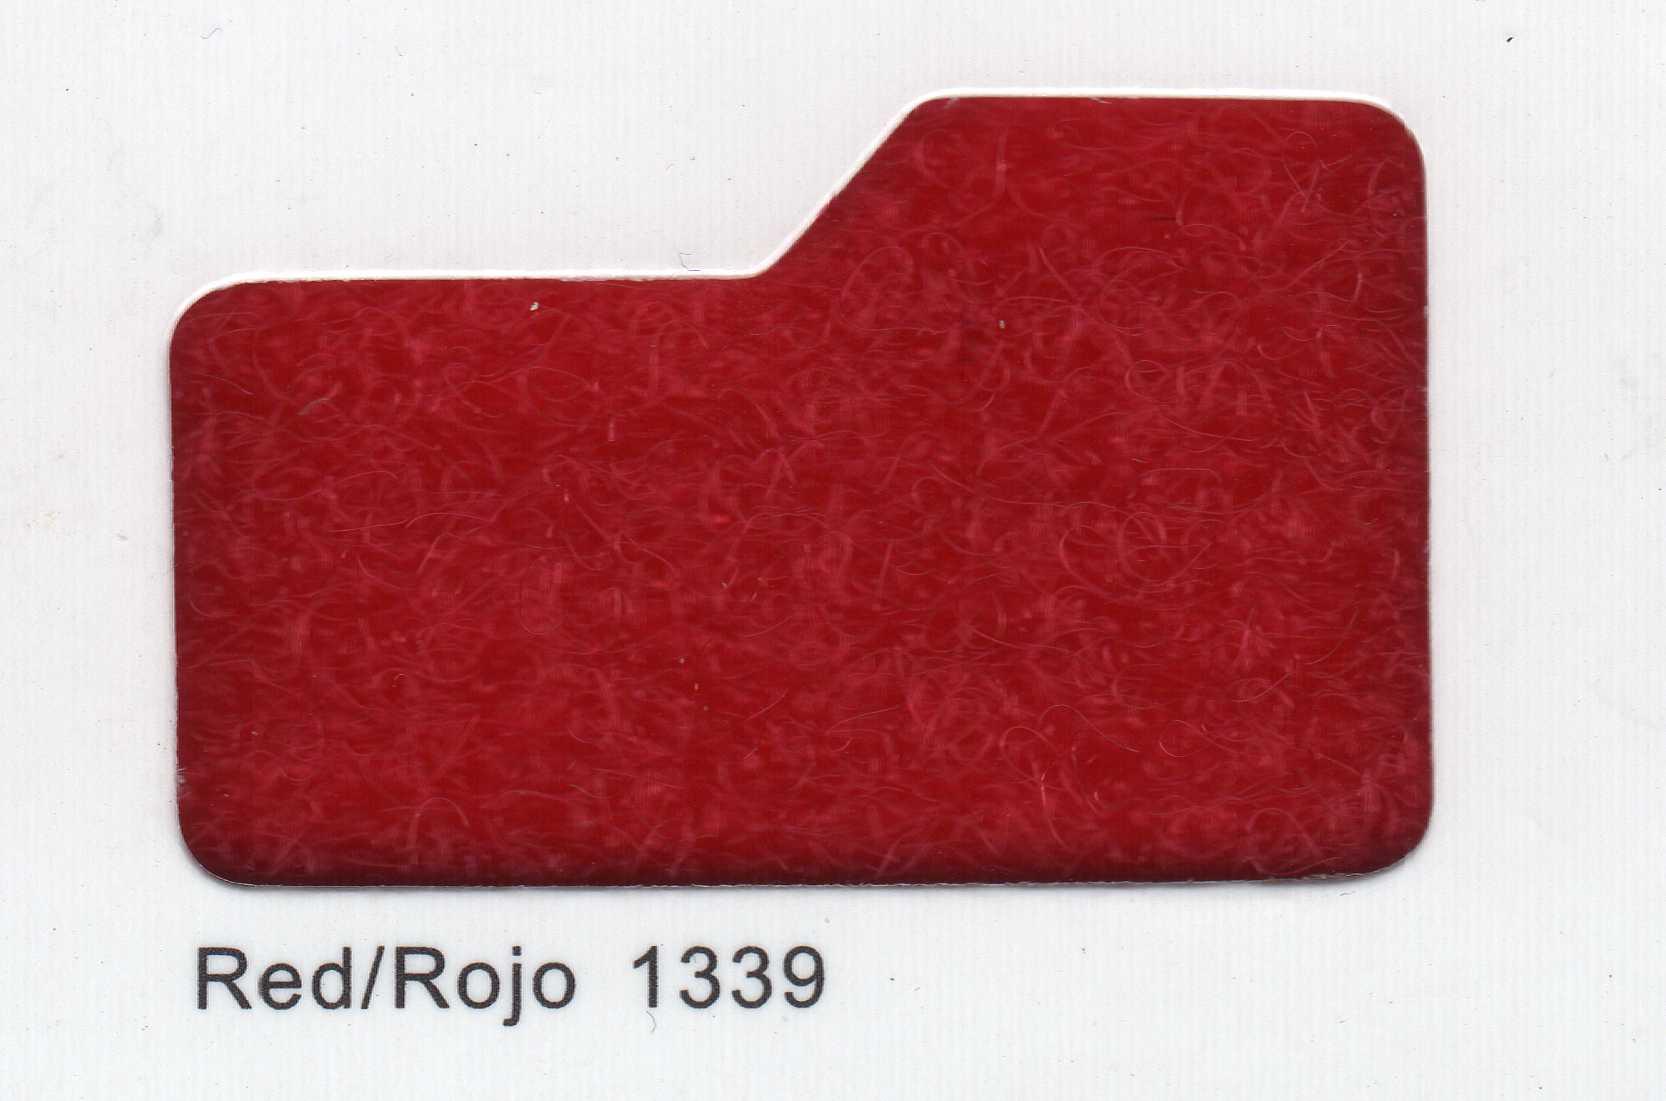 Cinta de cierre Velcro-Veraco 20mm Rojo 1339 (Gancho).